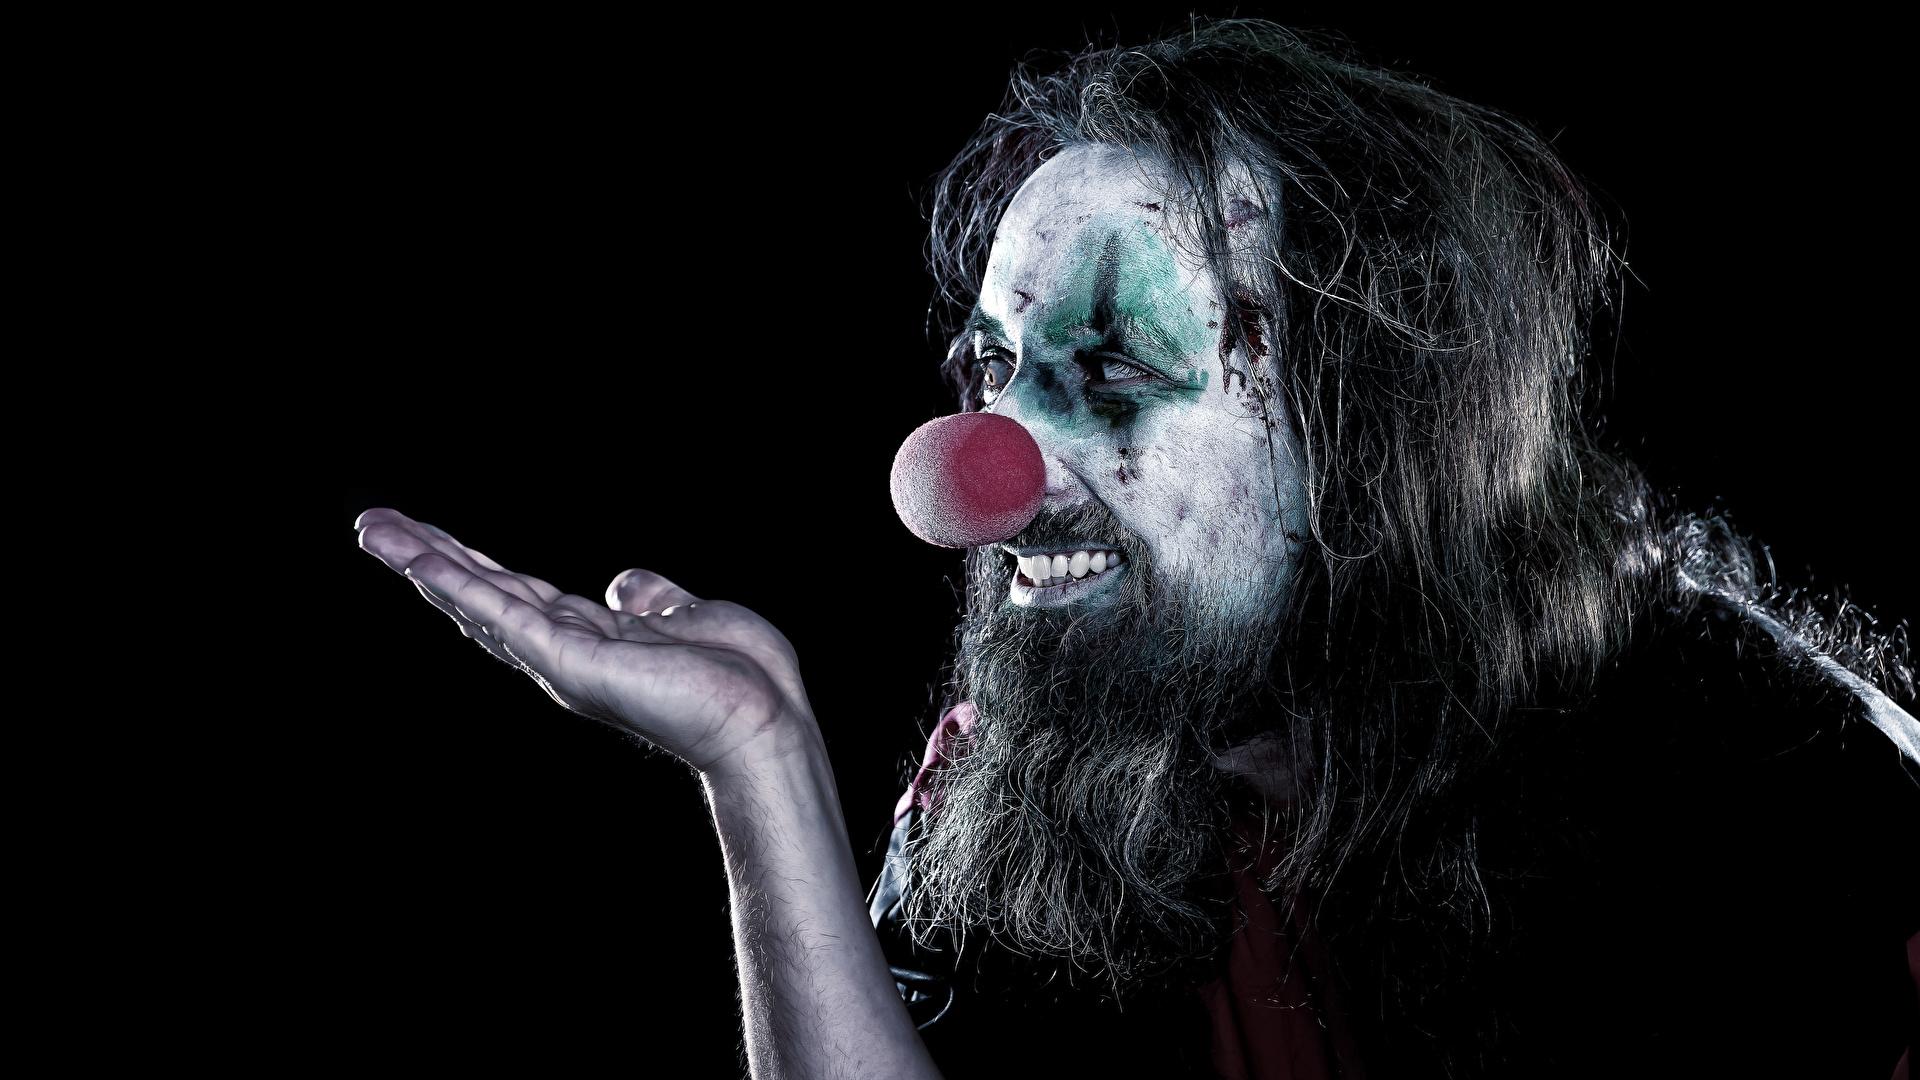 Фотографии Мужчины мейкап клоуны бородатые Руки Черный фон 1920x1080 Макияж косметика на лице Клоун клоуна Борода бородой бородатый рука на черном фоне